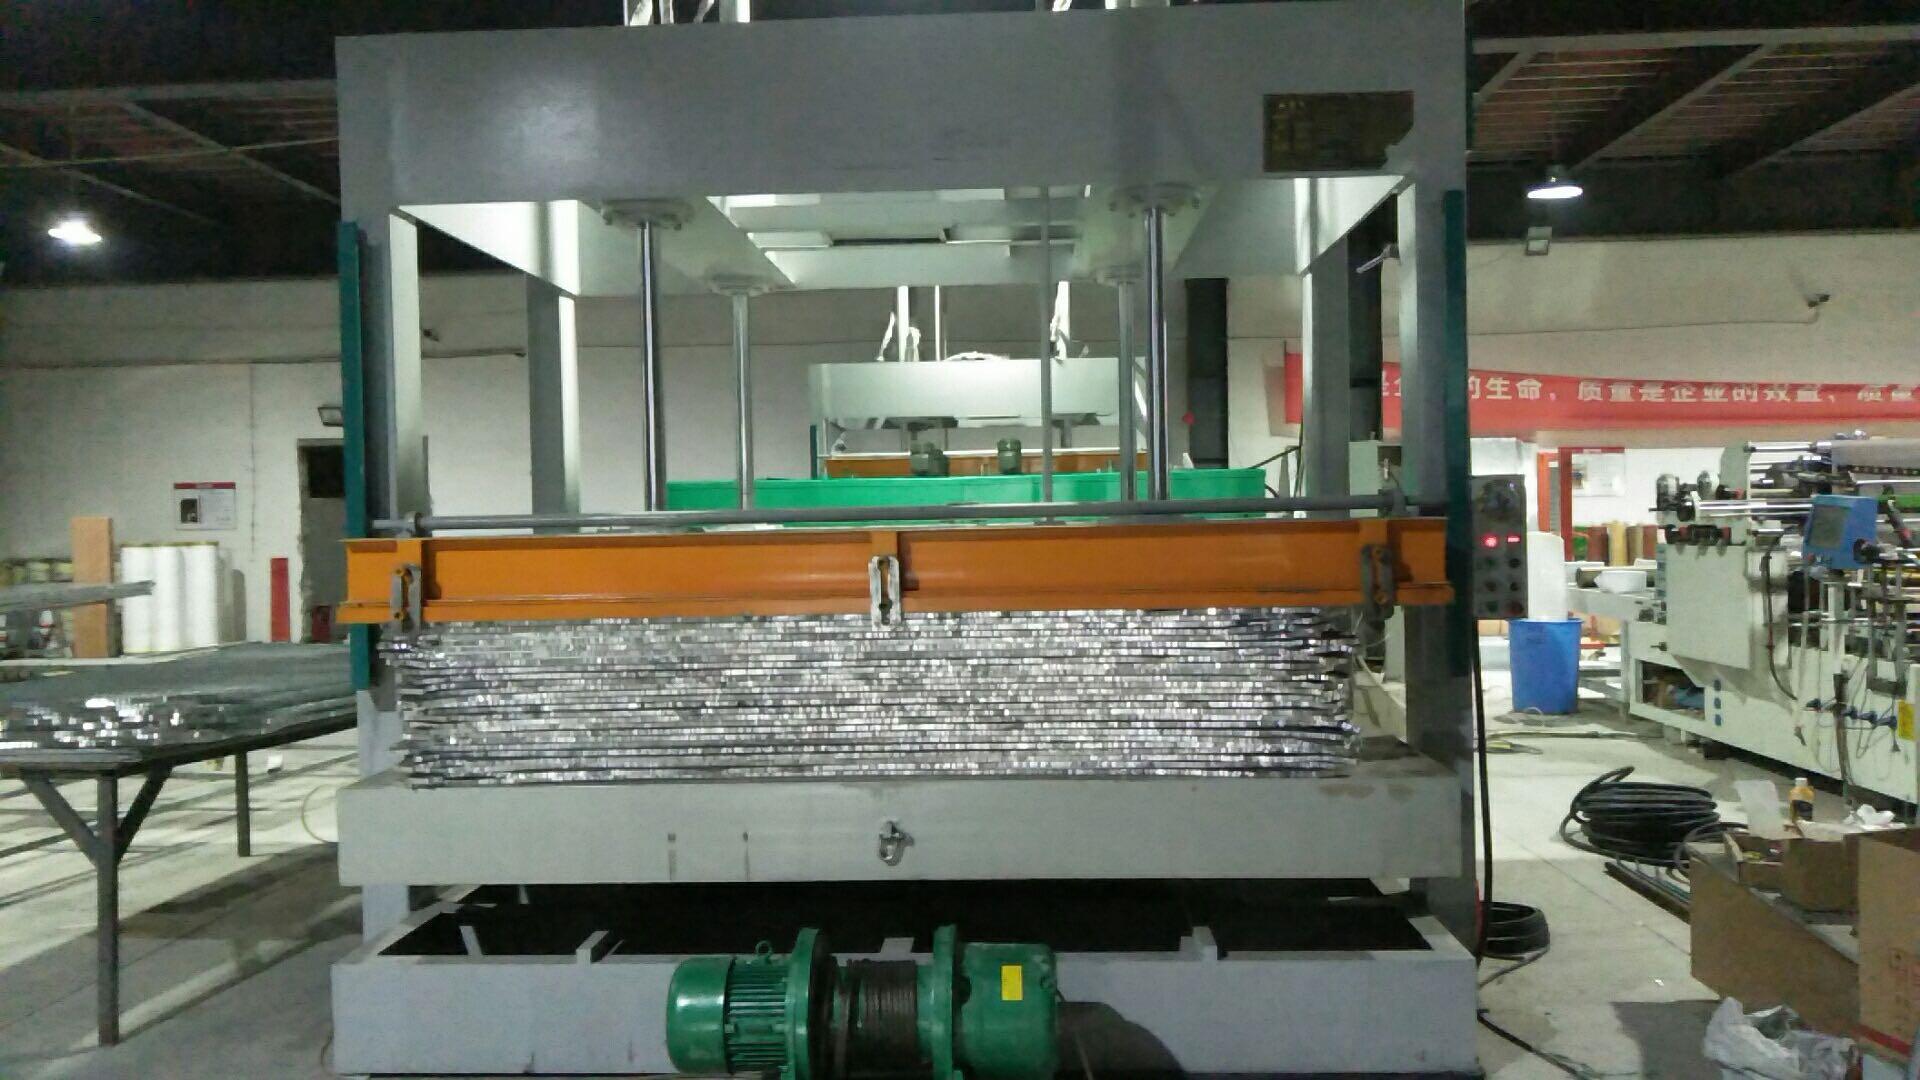 今日特價亨力特機械160噸,空調板,冷庫板,車廂板,整體衛浴發泡板,聚氨脂發泡板熱壓機示例圖39